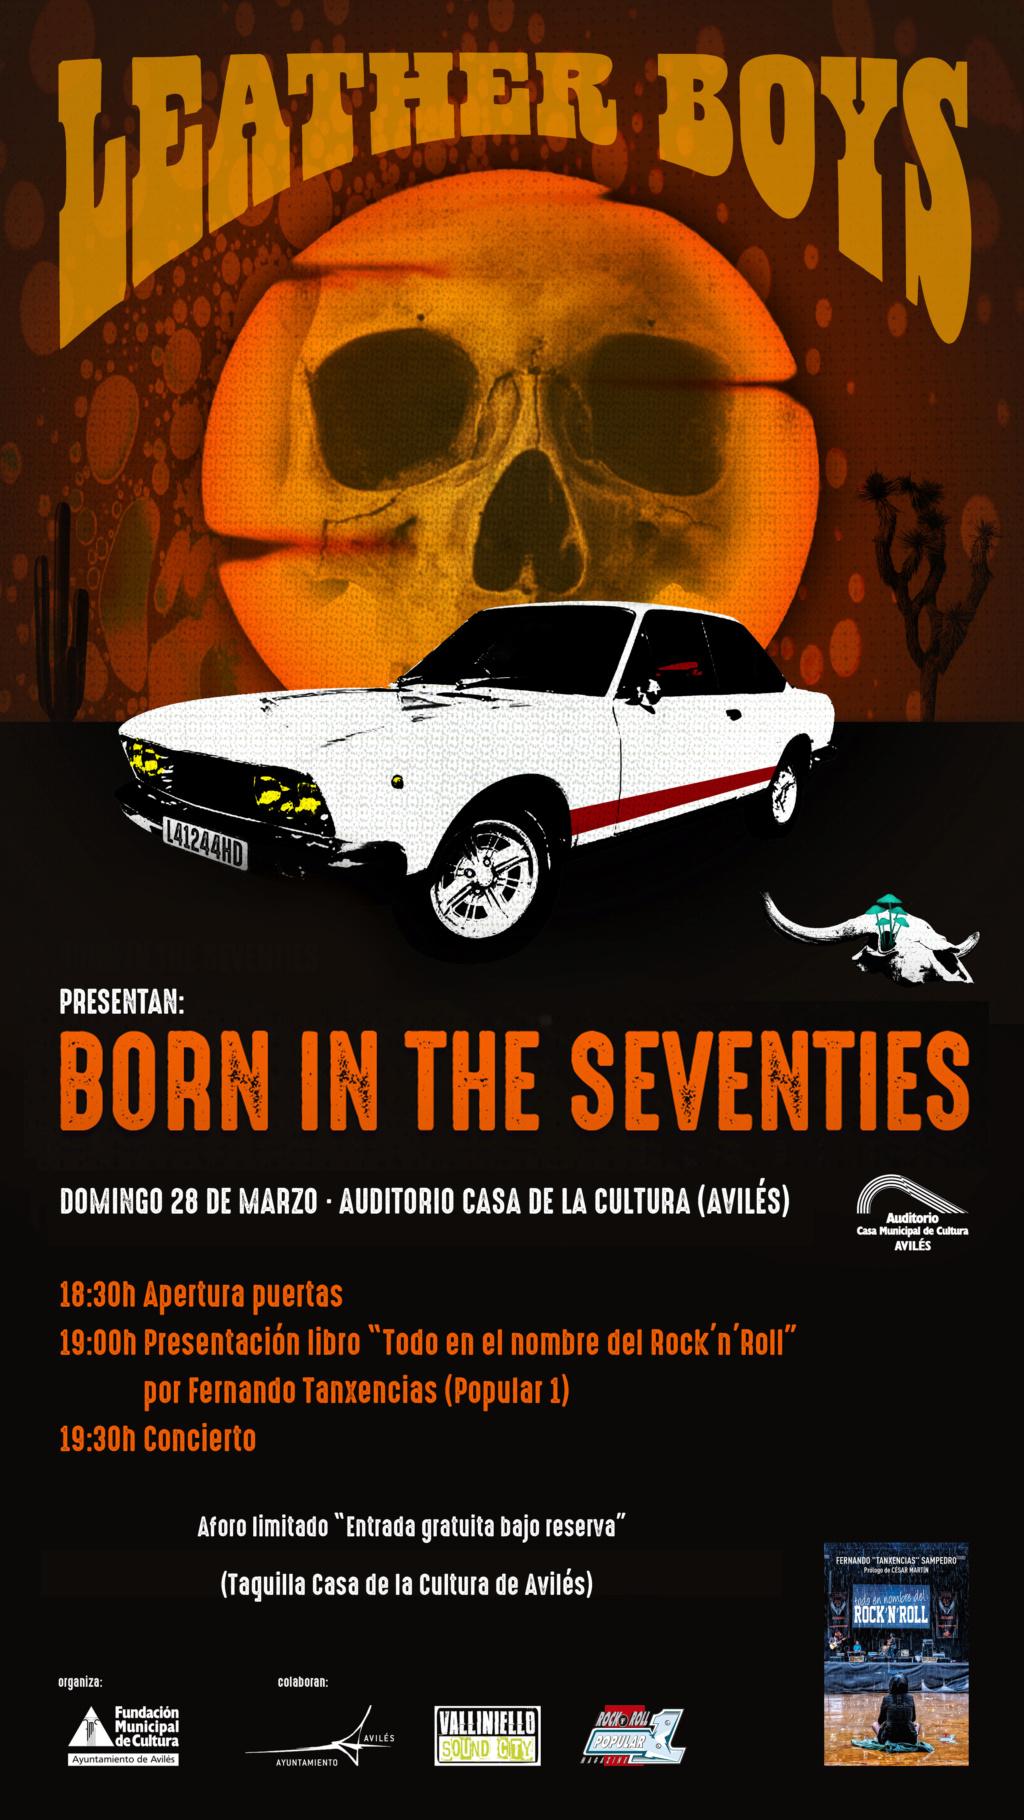 """Leather Boys nuevo disco """"Born in the 70's""""(YA A LA VENTA). Presentación oficial en directo 28 marzo Avilés (Asturias) y 3 Julio Sala Son Cangas (Galicia). C4916510"""